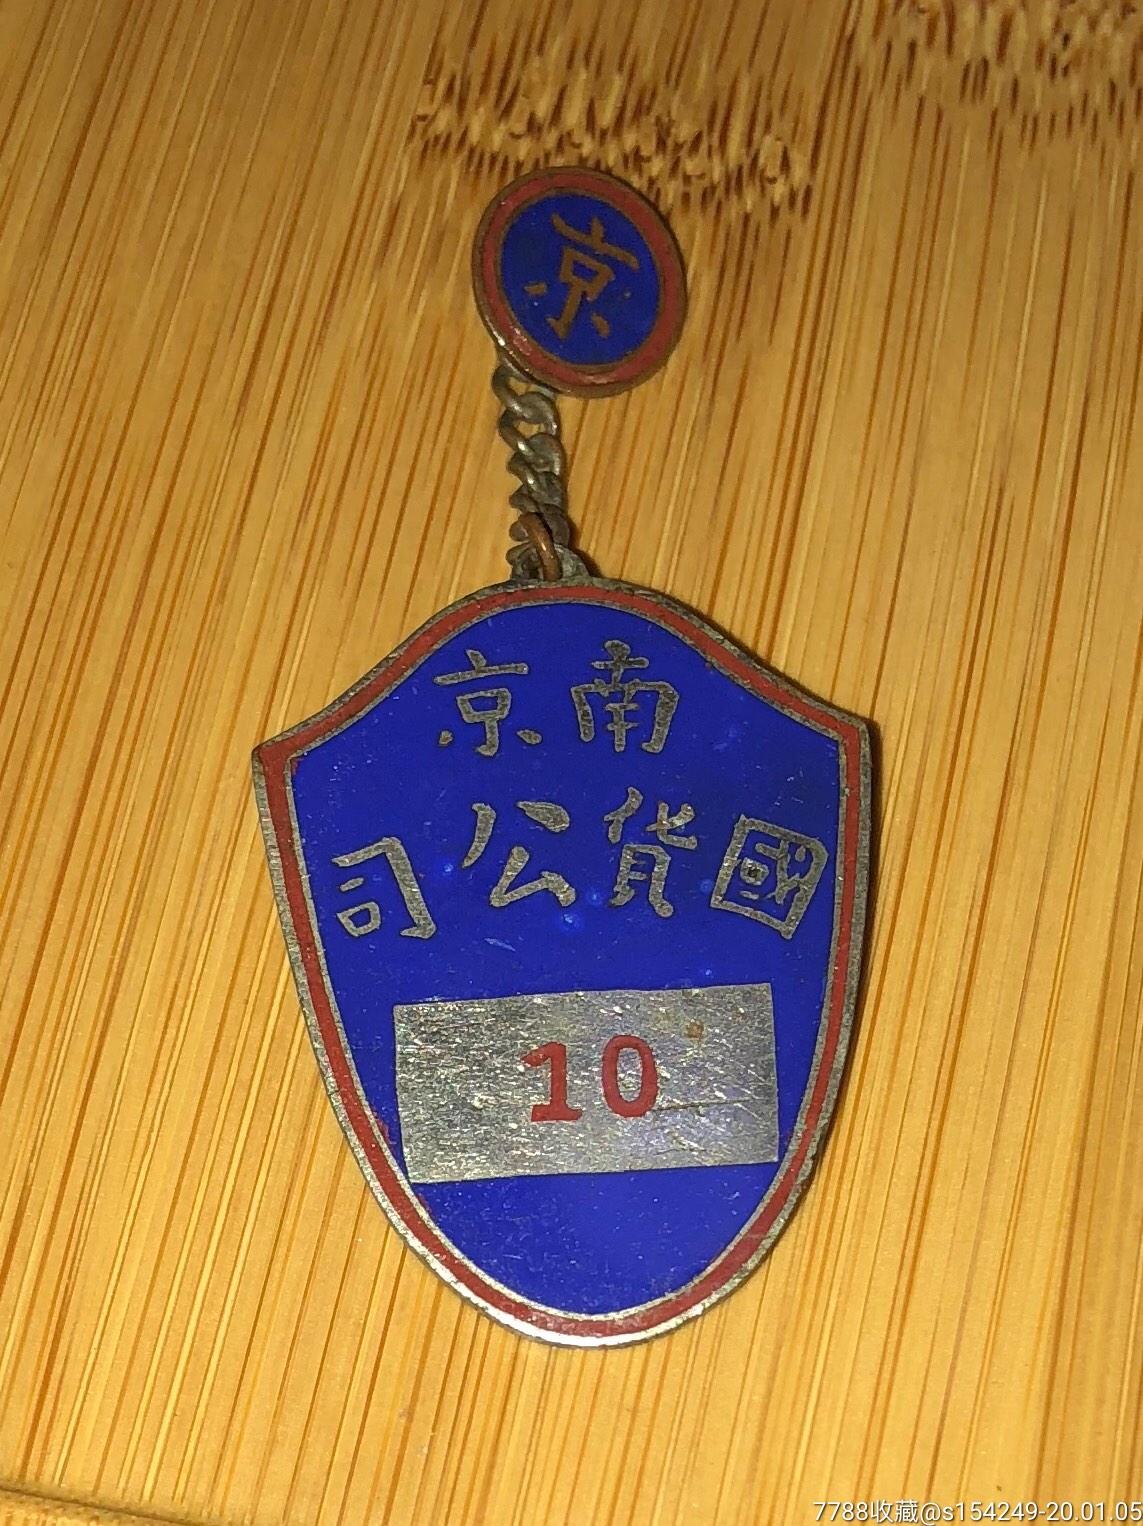 民��,首都南京���公司【支持���,抵制洋�】(au22078652)_